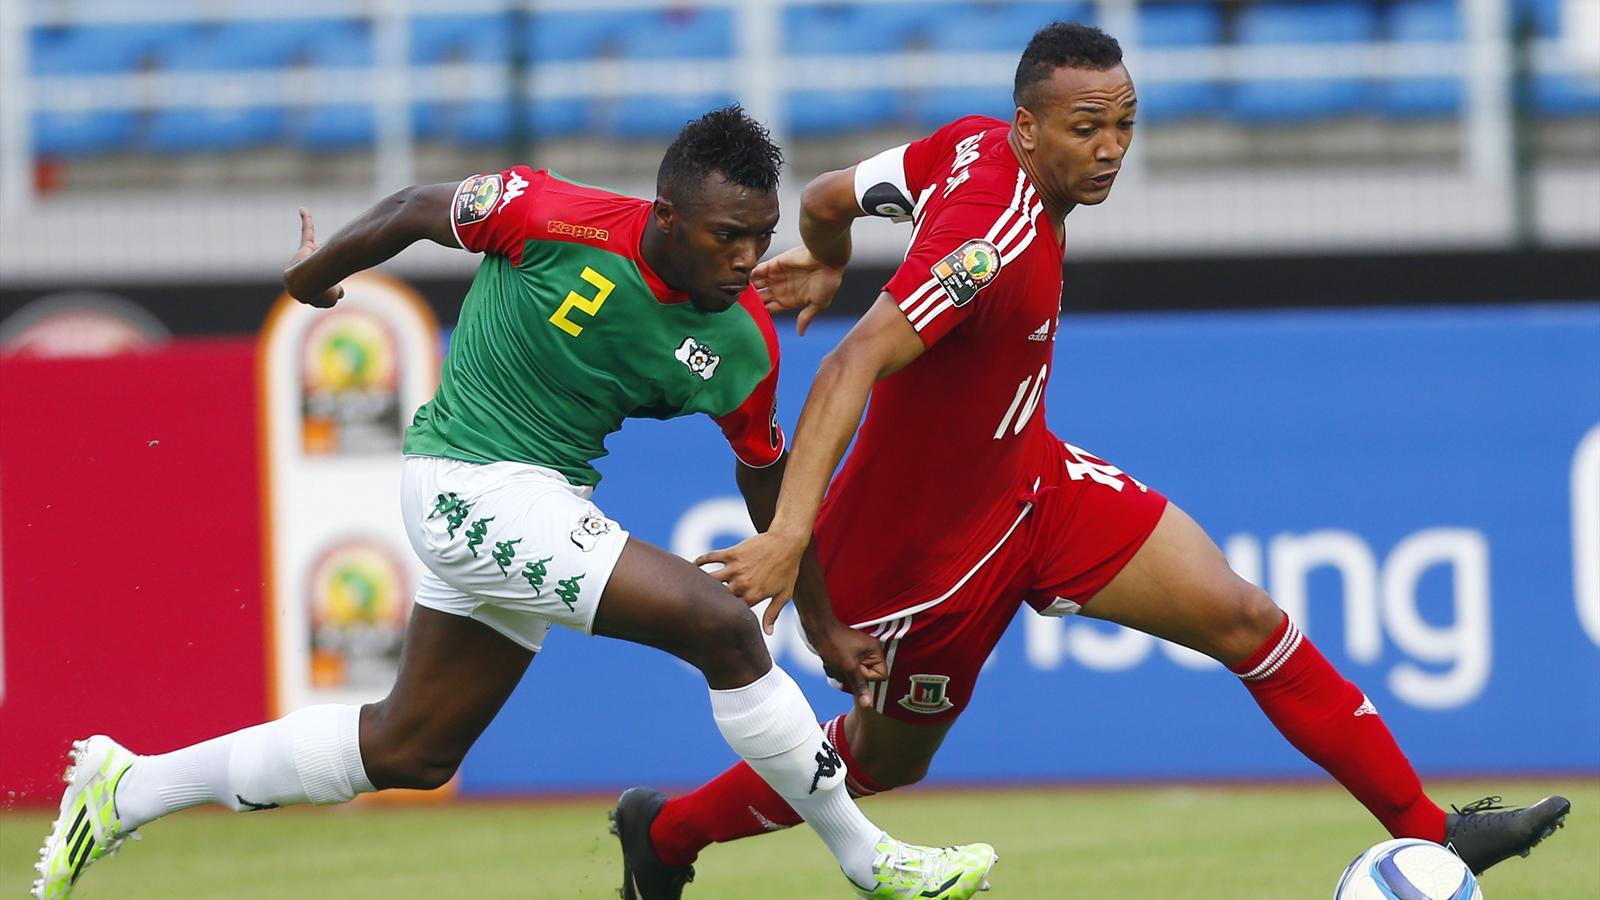 En direct live guin e quatoriale burkina faso coupe d 39 afrique des nations 21 janvier - Resultat foot coupe d afrique ...